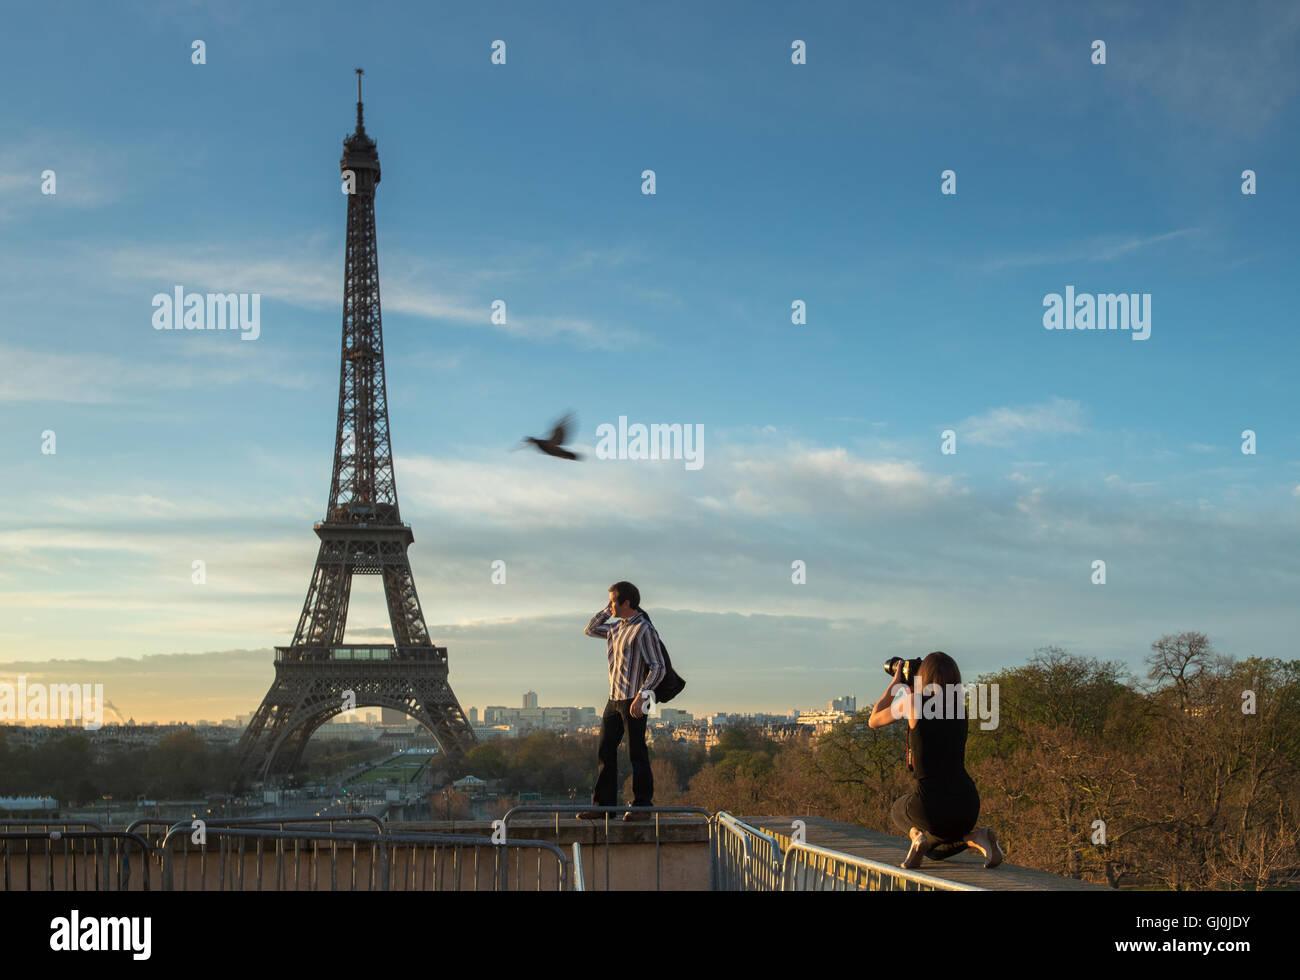 Modefotografie und Vogel auf das Palais de Chaillot mit dem Eiffelturm als Kulisse, Paris, Frankreich Stockbild